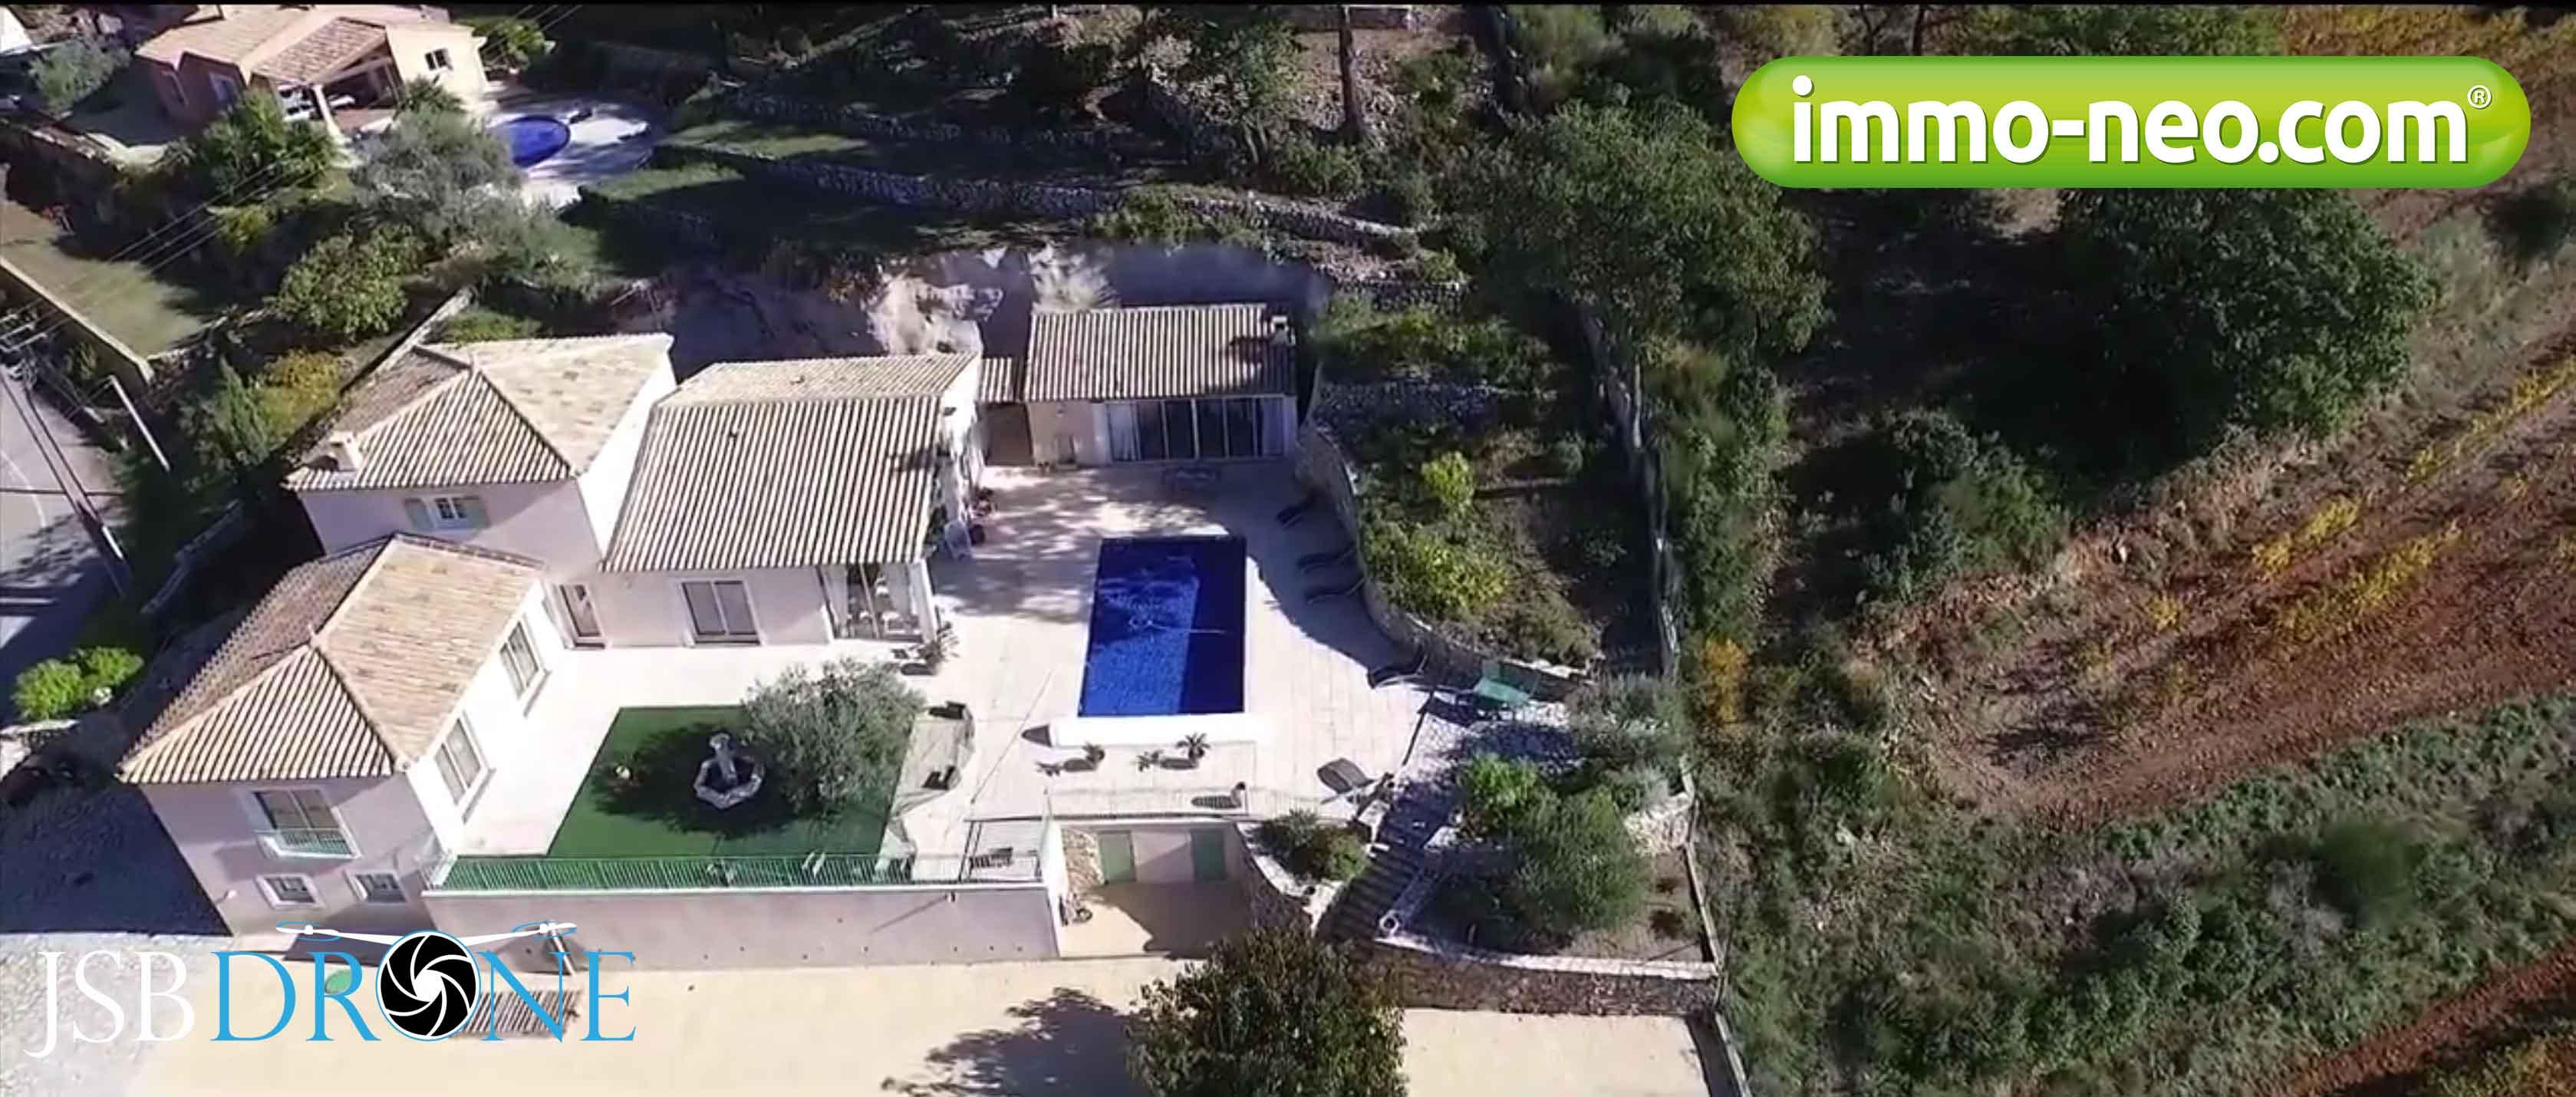 Villa le Beausset jsb-drone